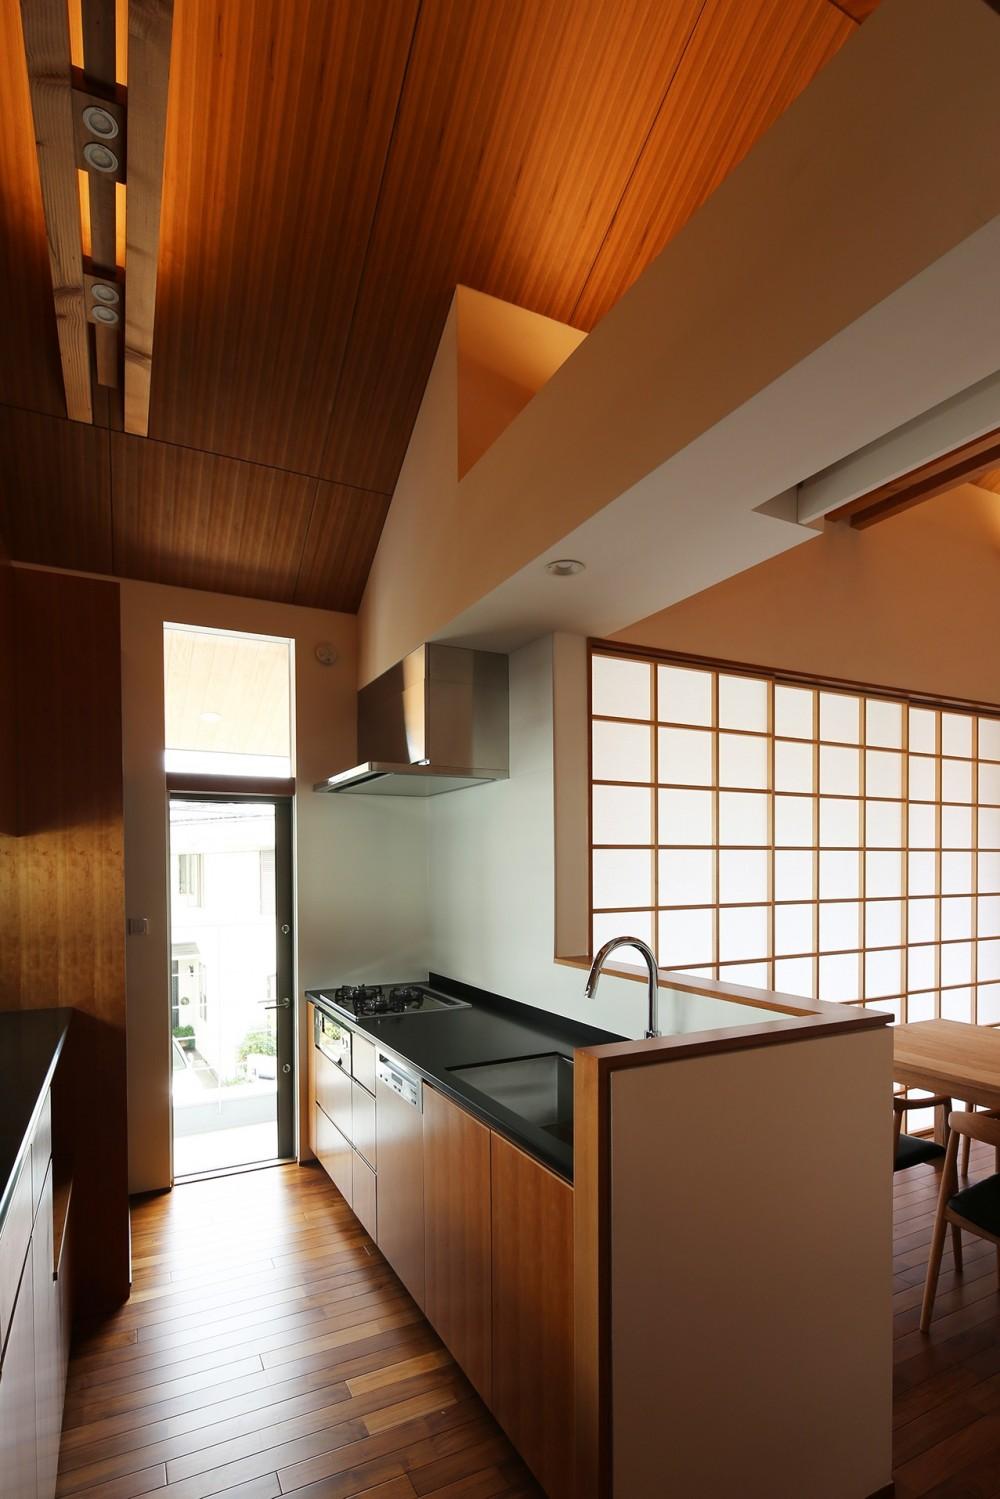 【つなぎ梁の家】  柔らかな光に包まれたリビング空間 (キッチン)